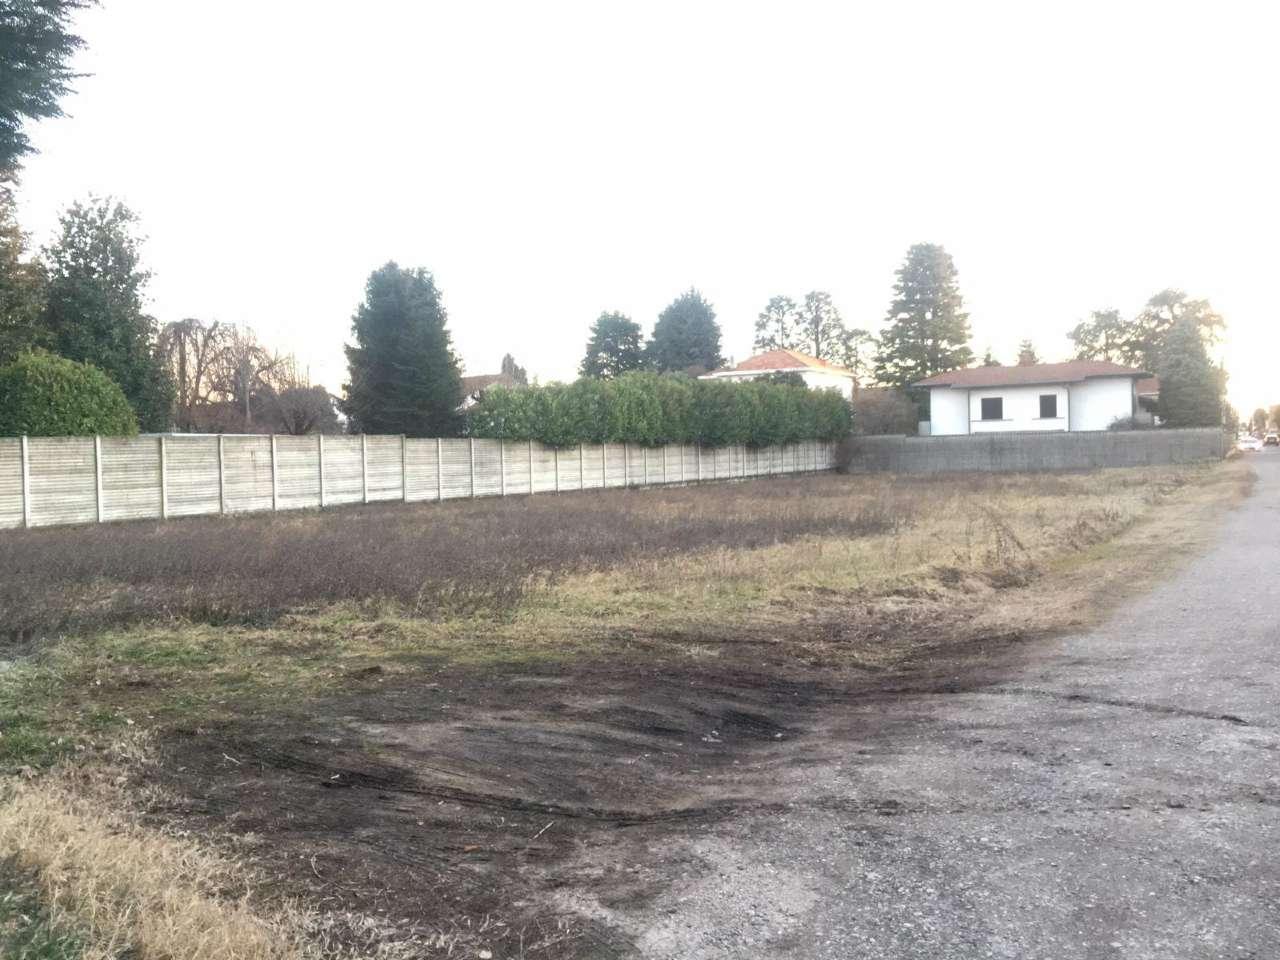 Terreno Edificabile Residenziale in vendita a Lonate Pozzolo, 9999 locali, prezzo € 213.000 | CambioCasa.it